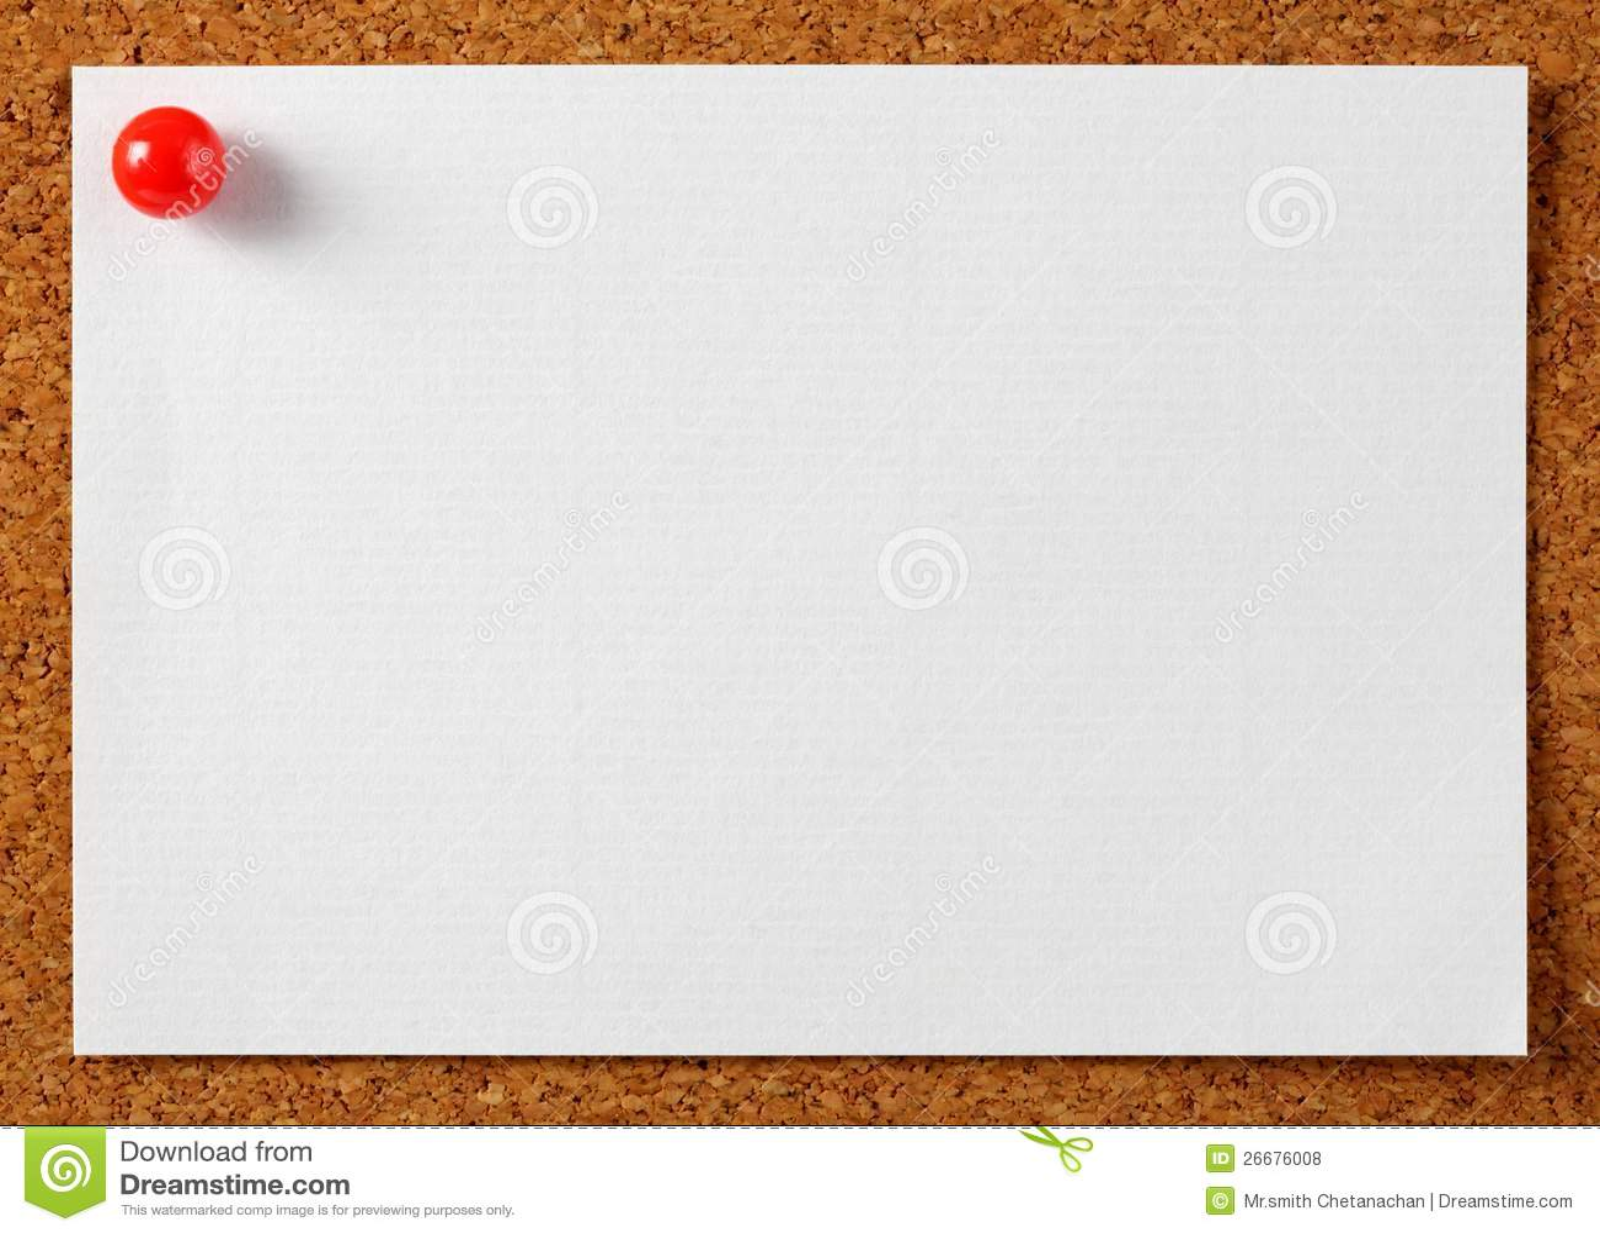 注意与红色针的通知单纸张在黄柏董事会.